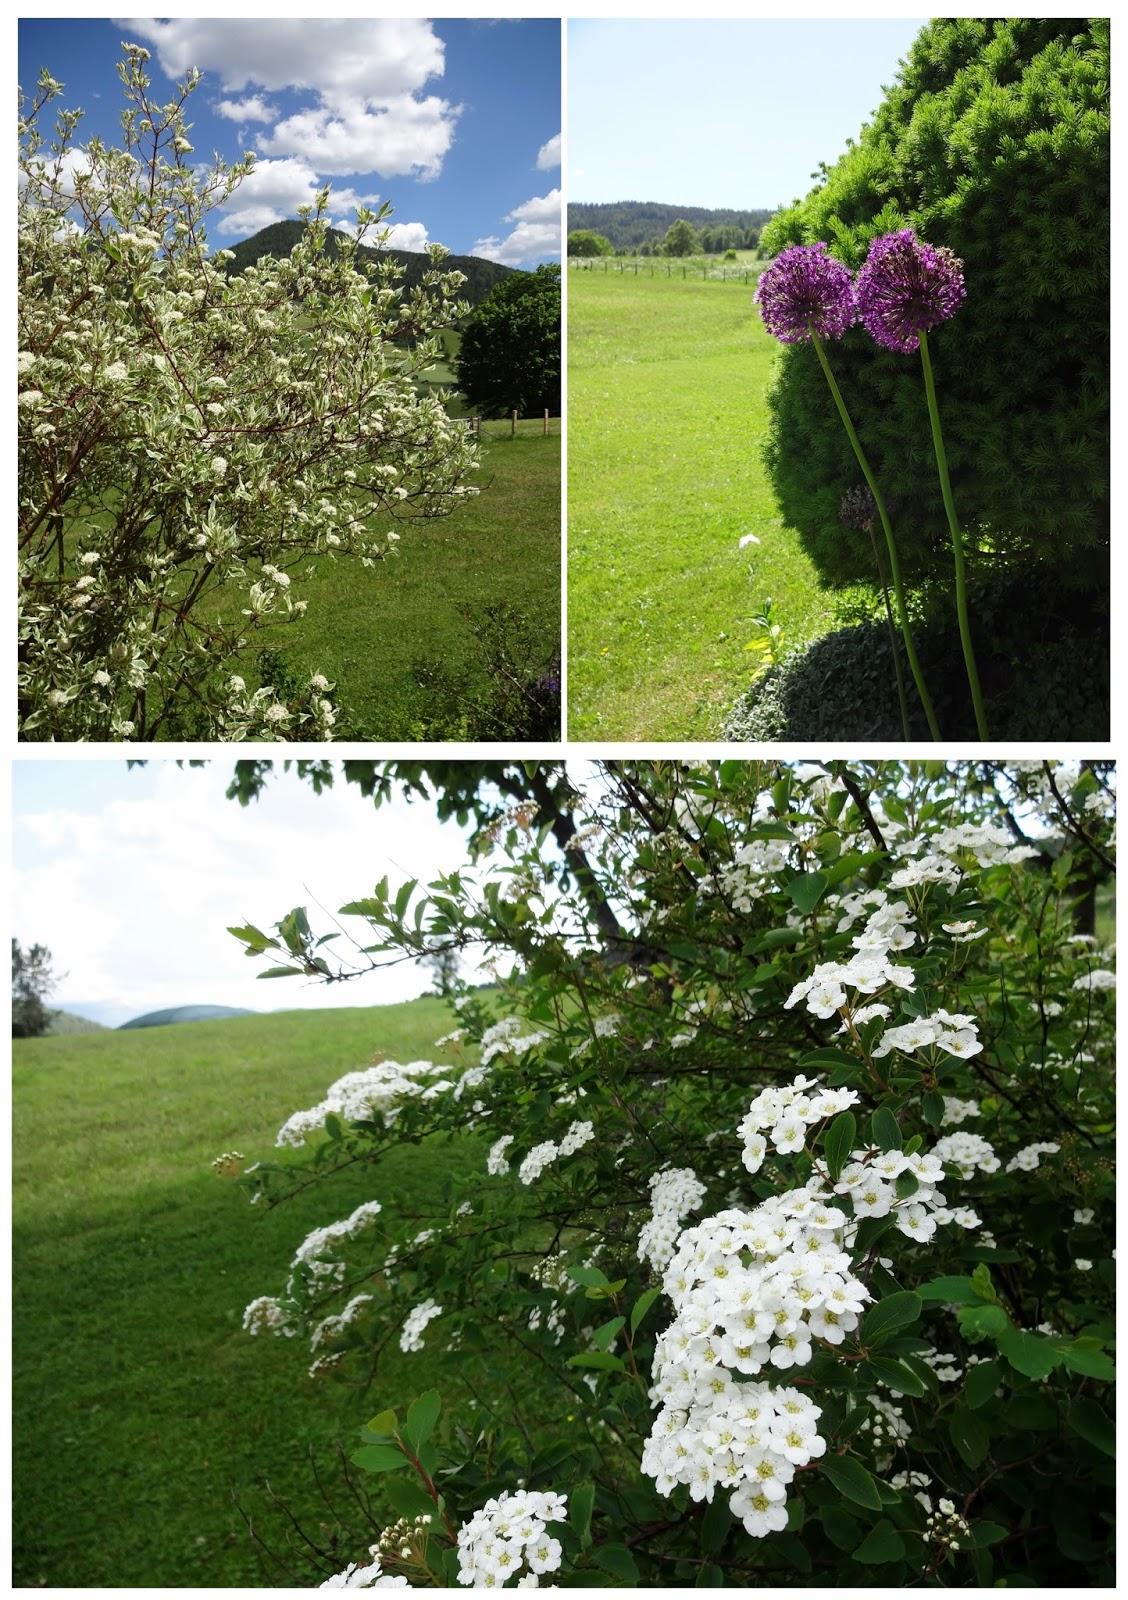 Blumen Sträucher